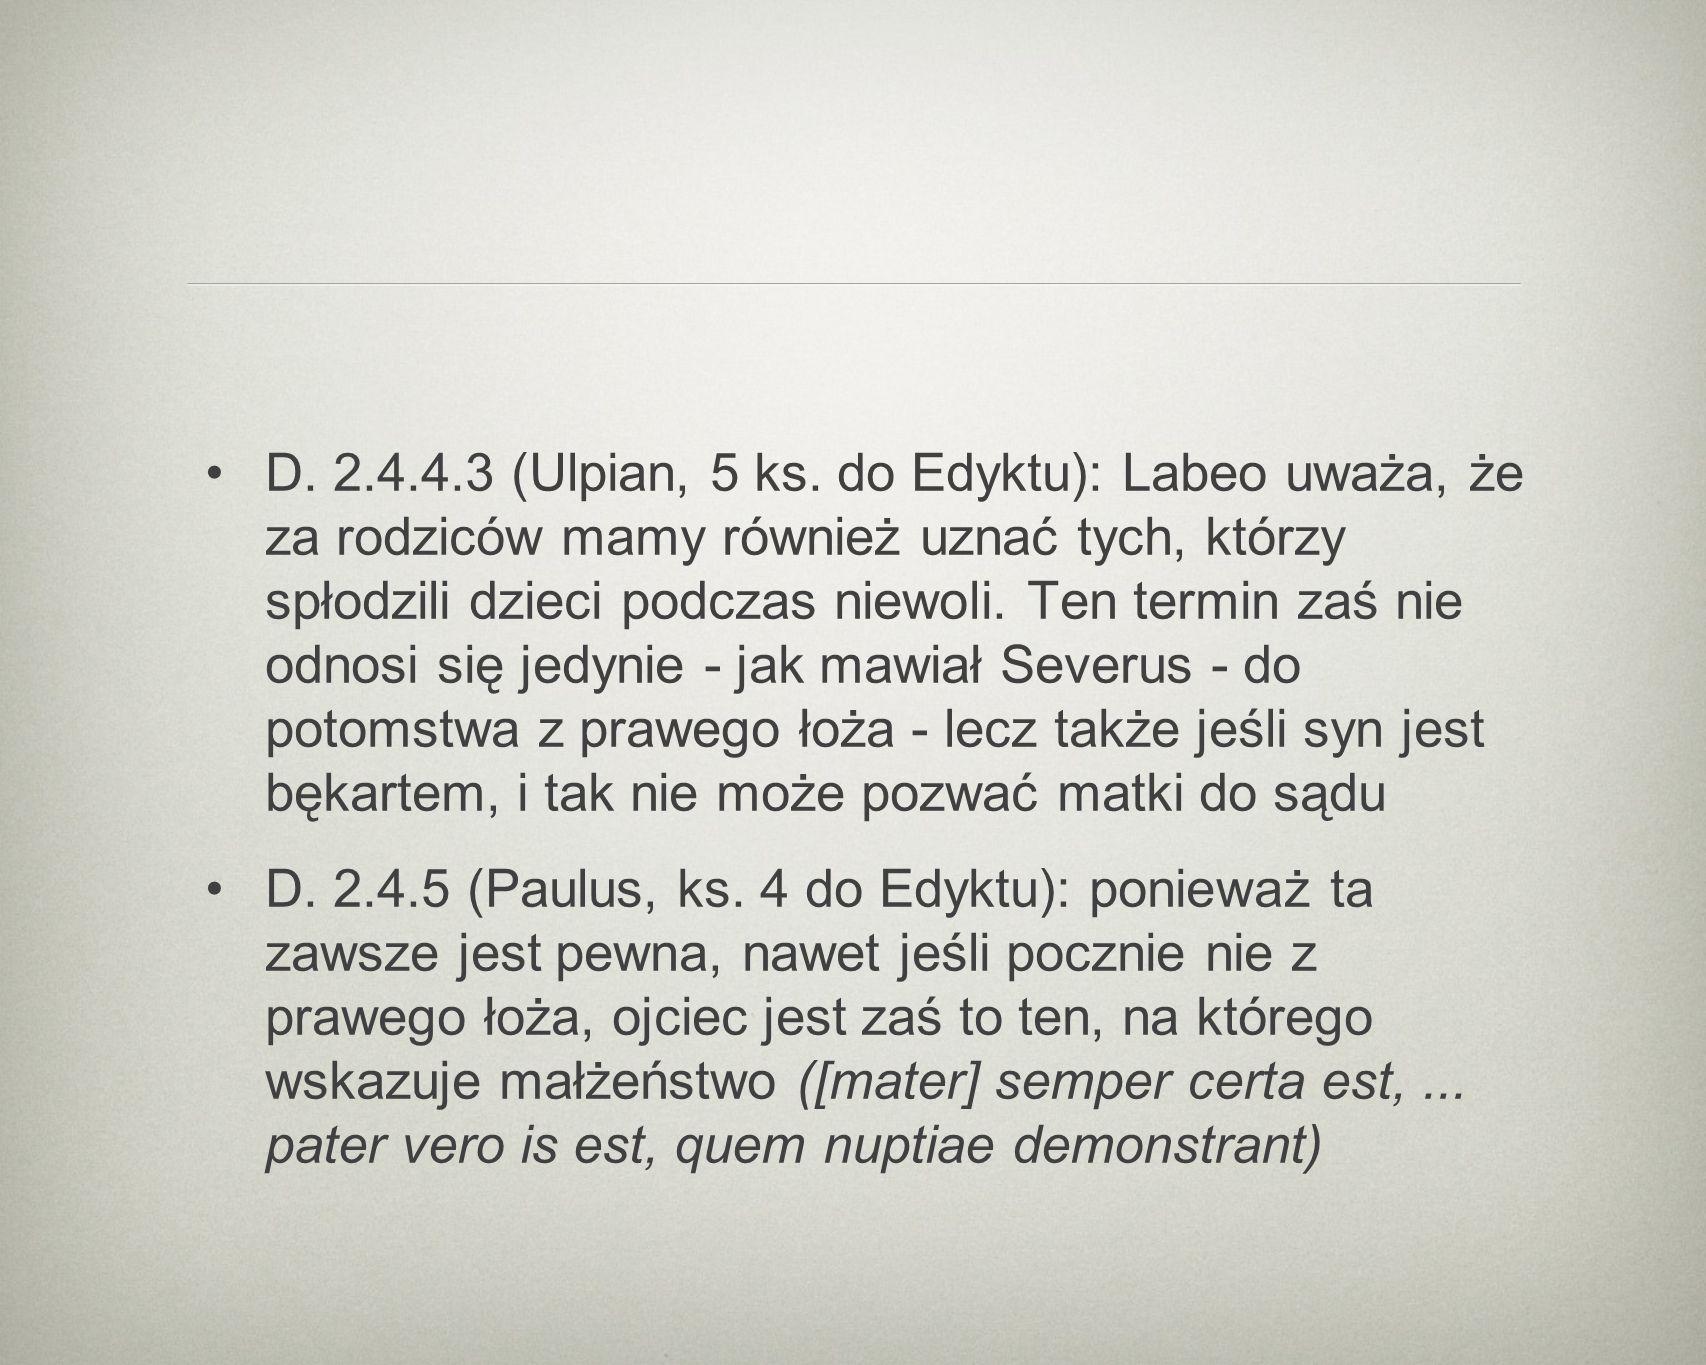 D. 2.4.4.3 (Ulpian, 5 ks.